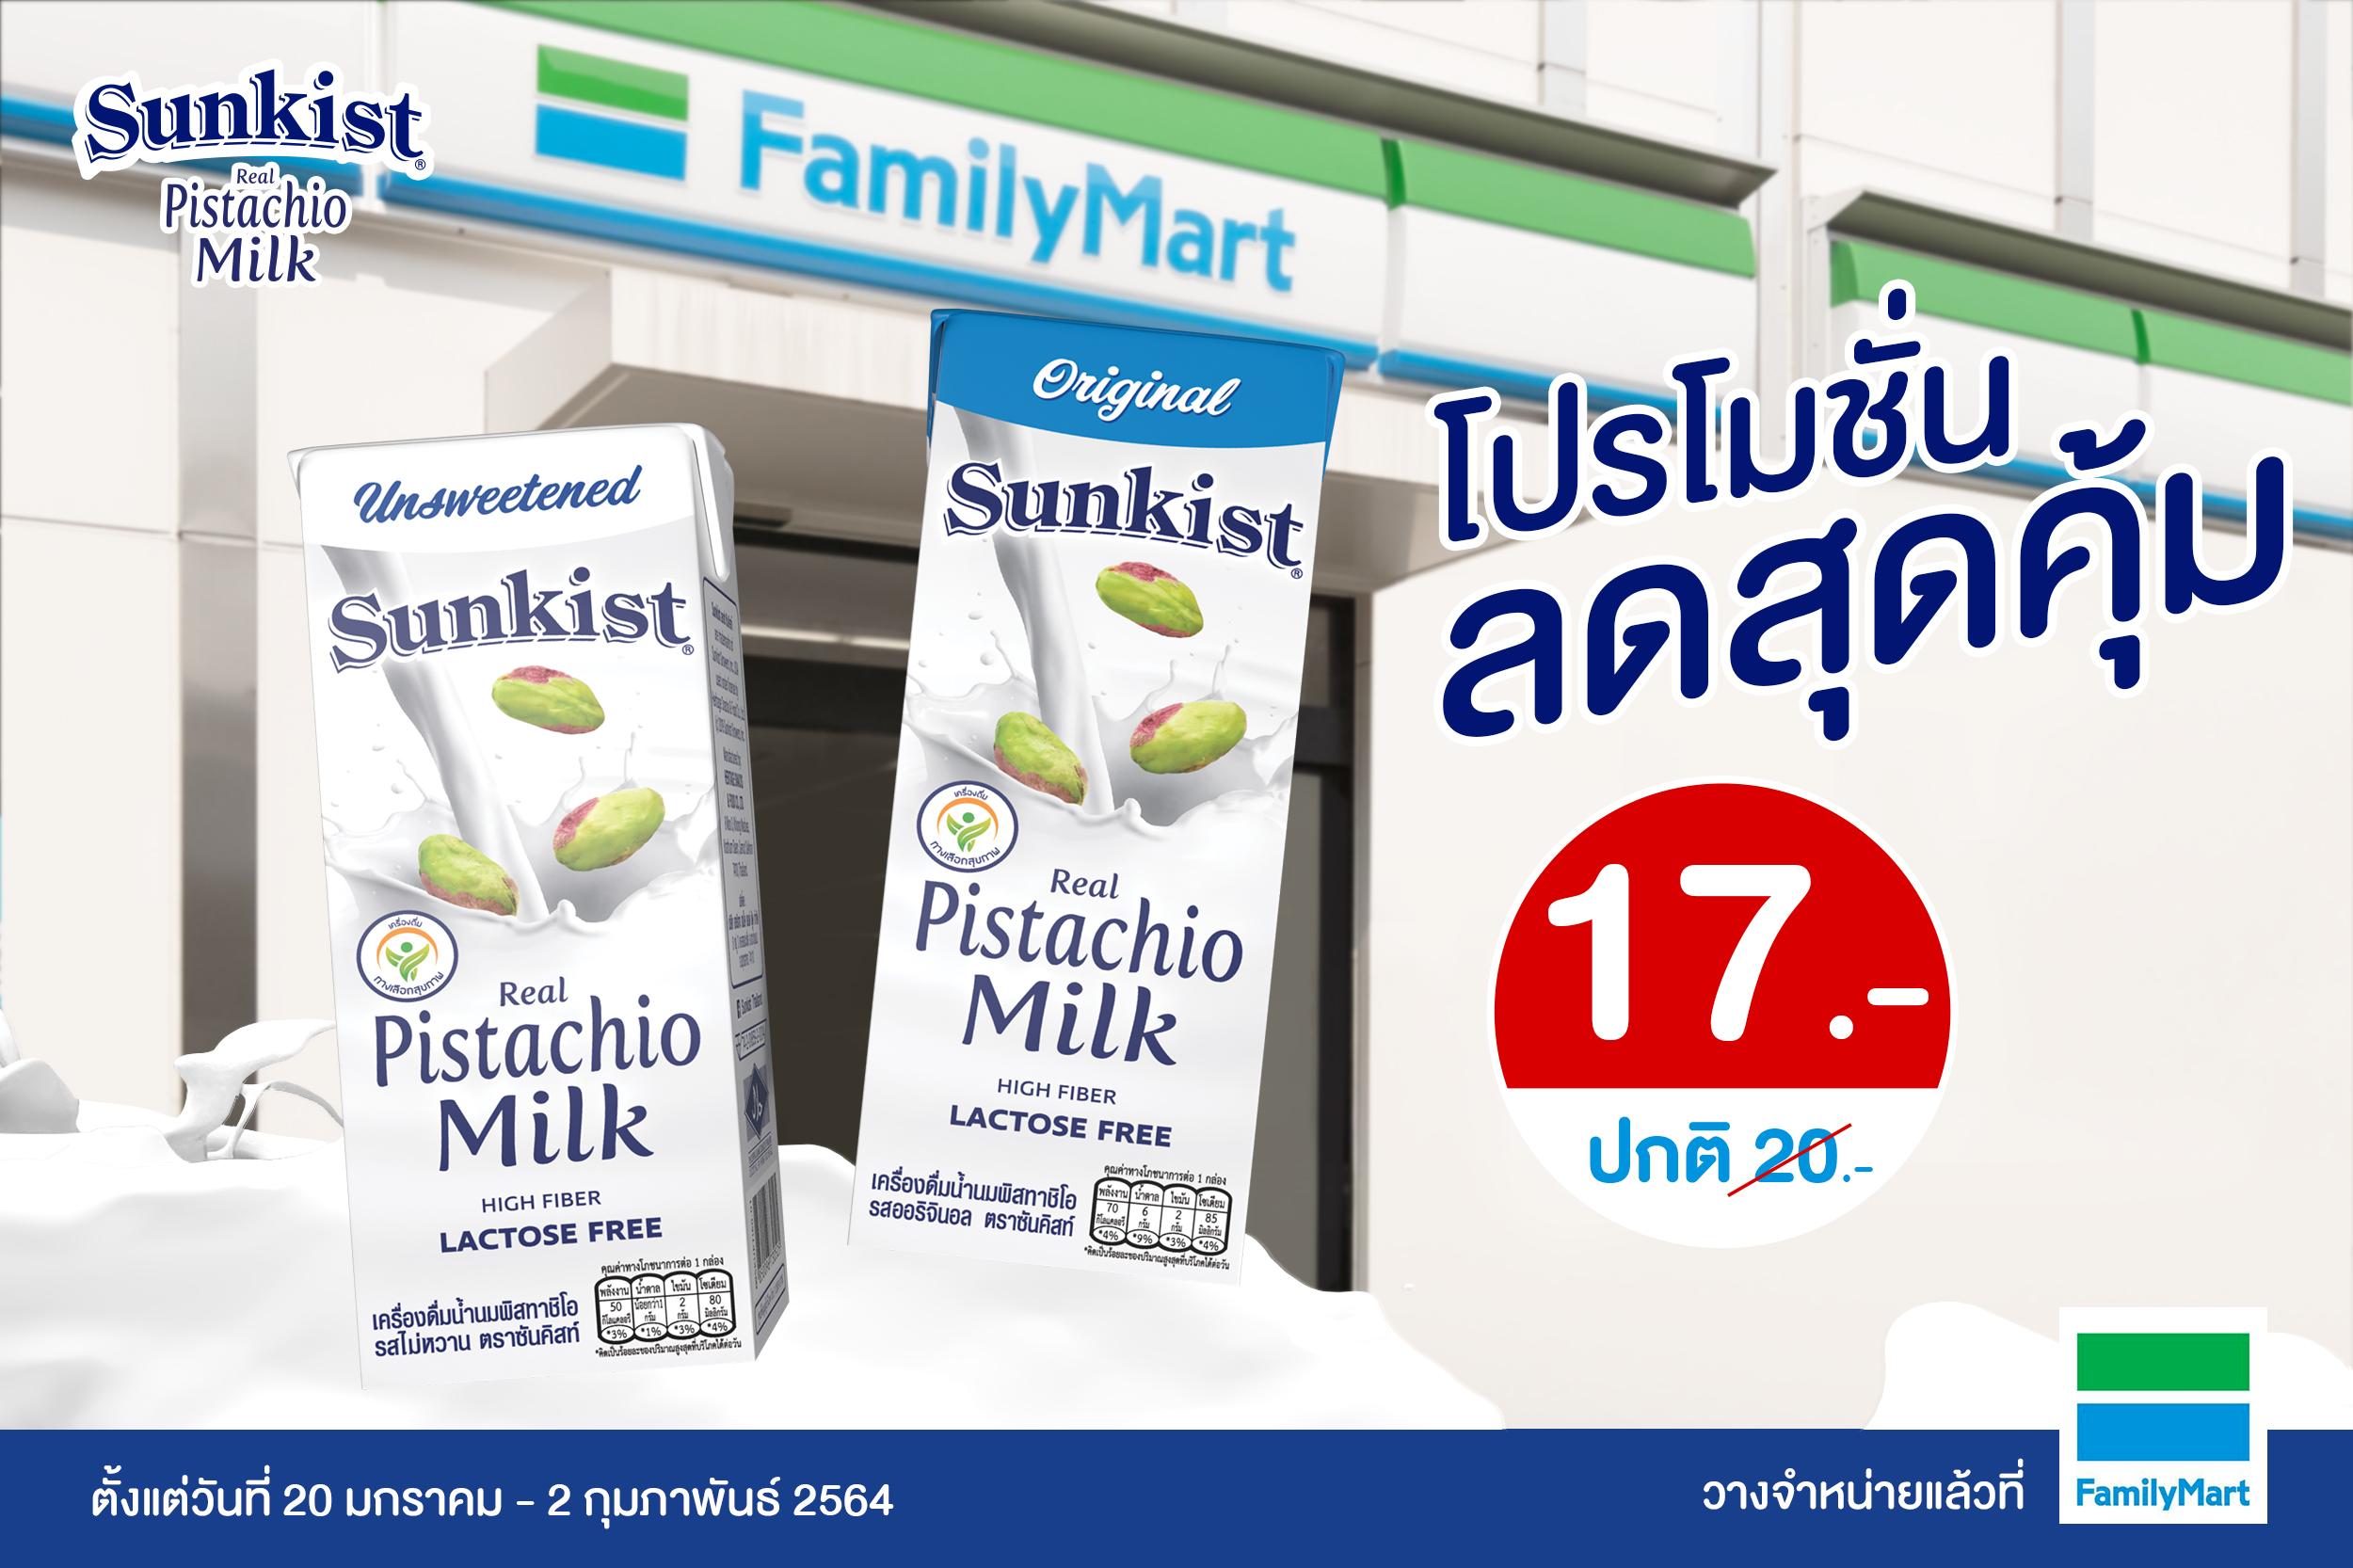 ซันคิสท์จัดโปรโมชั่นลดสุดคุ้ม กับนมพิสทาชิโอ 2 รสชาติในราคาสบายกระเป๋า